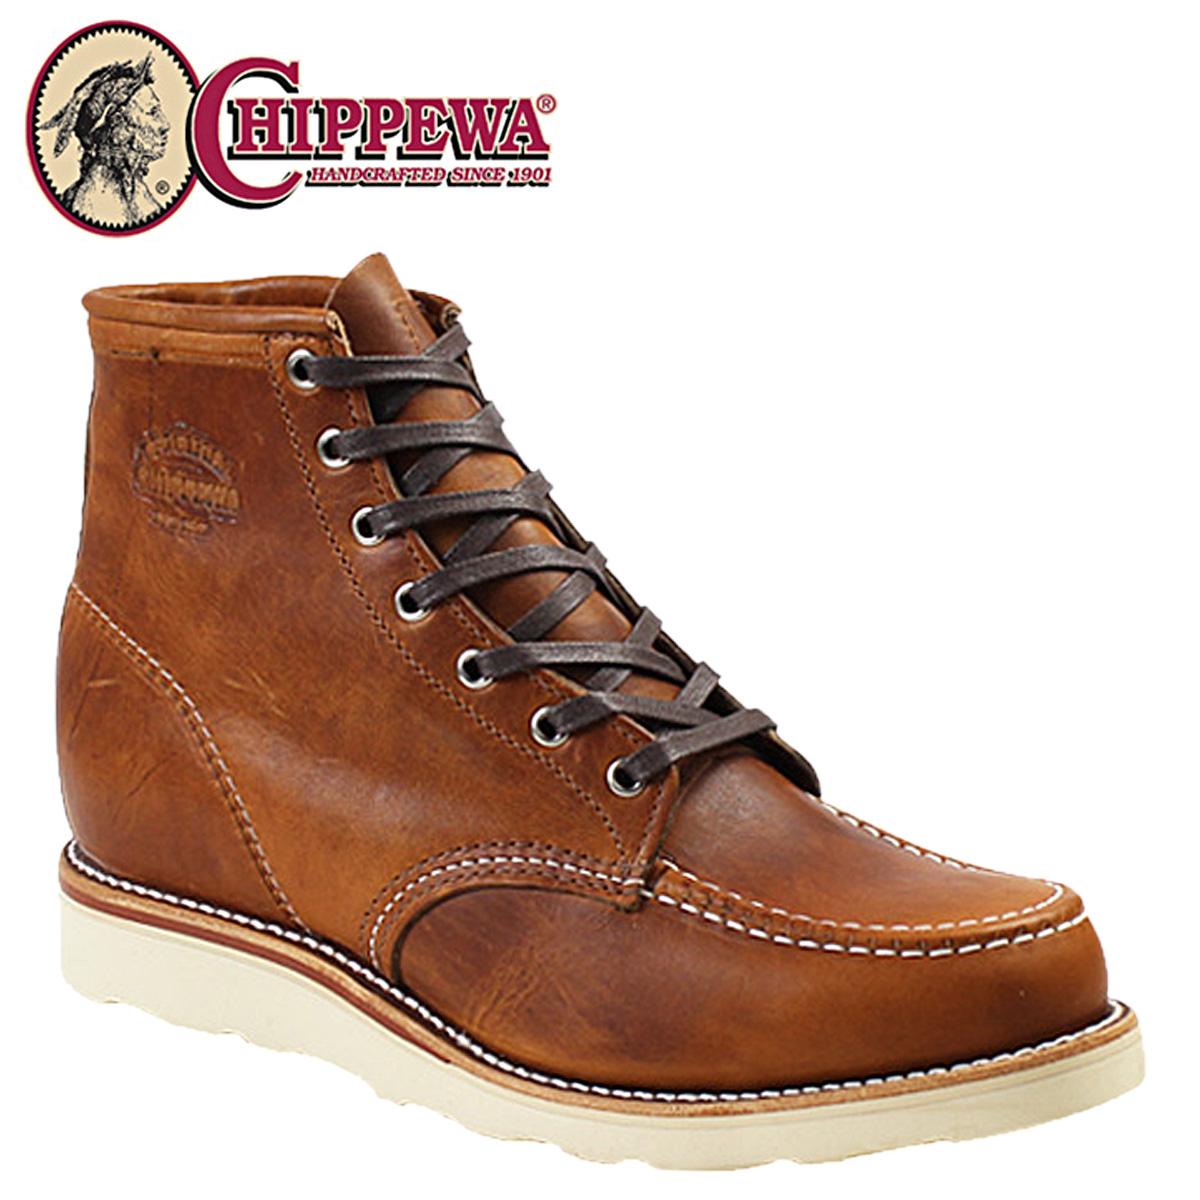 CHIPPEWA チペワ 6インチ モック トゥ ウェッジ ブーツ 6INCH TAN RENEGADE MOC TOE WEDGE Eワイズ レザー 1901M22 タン ブーツ BOOT メンズ